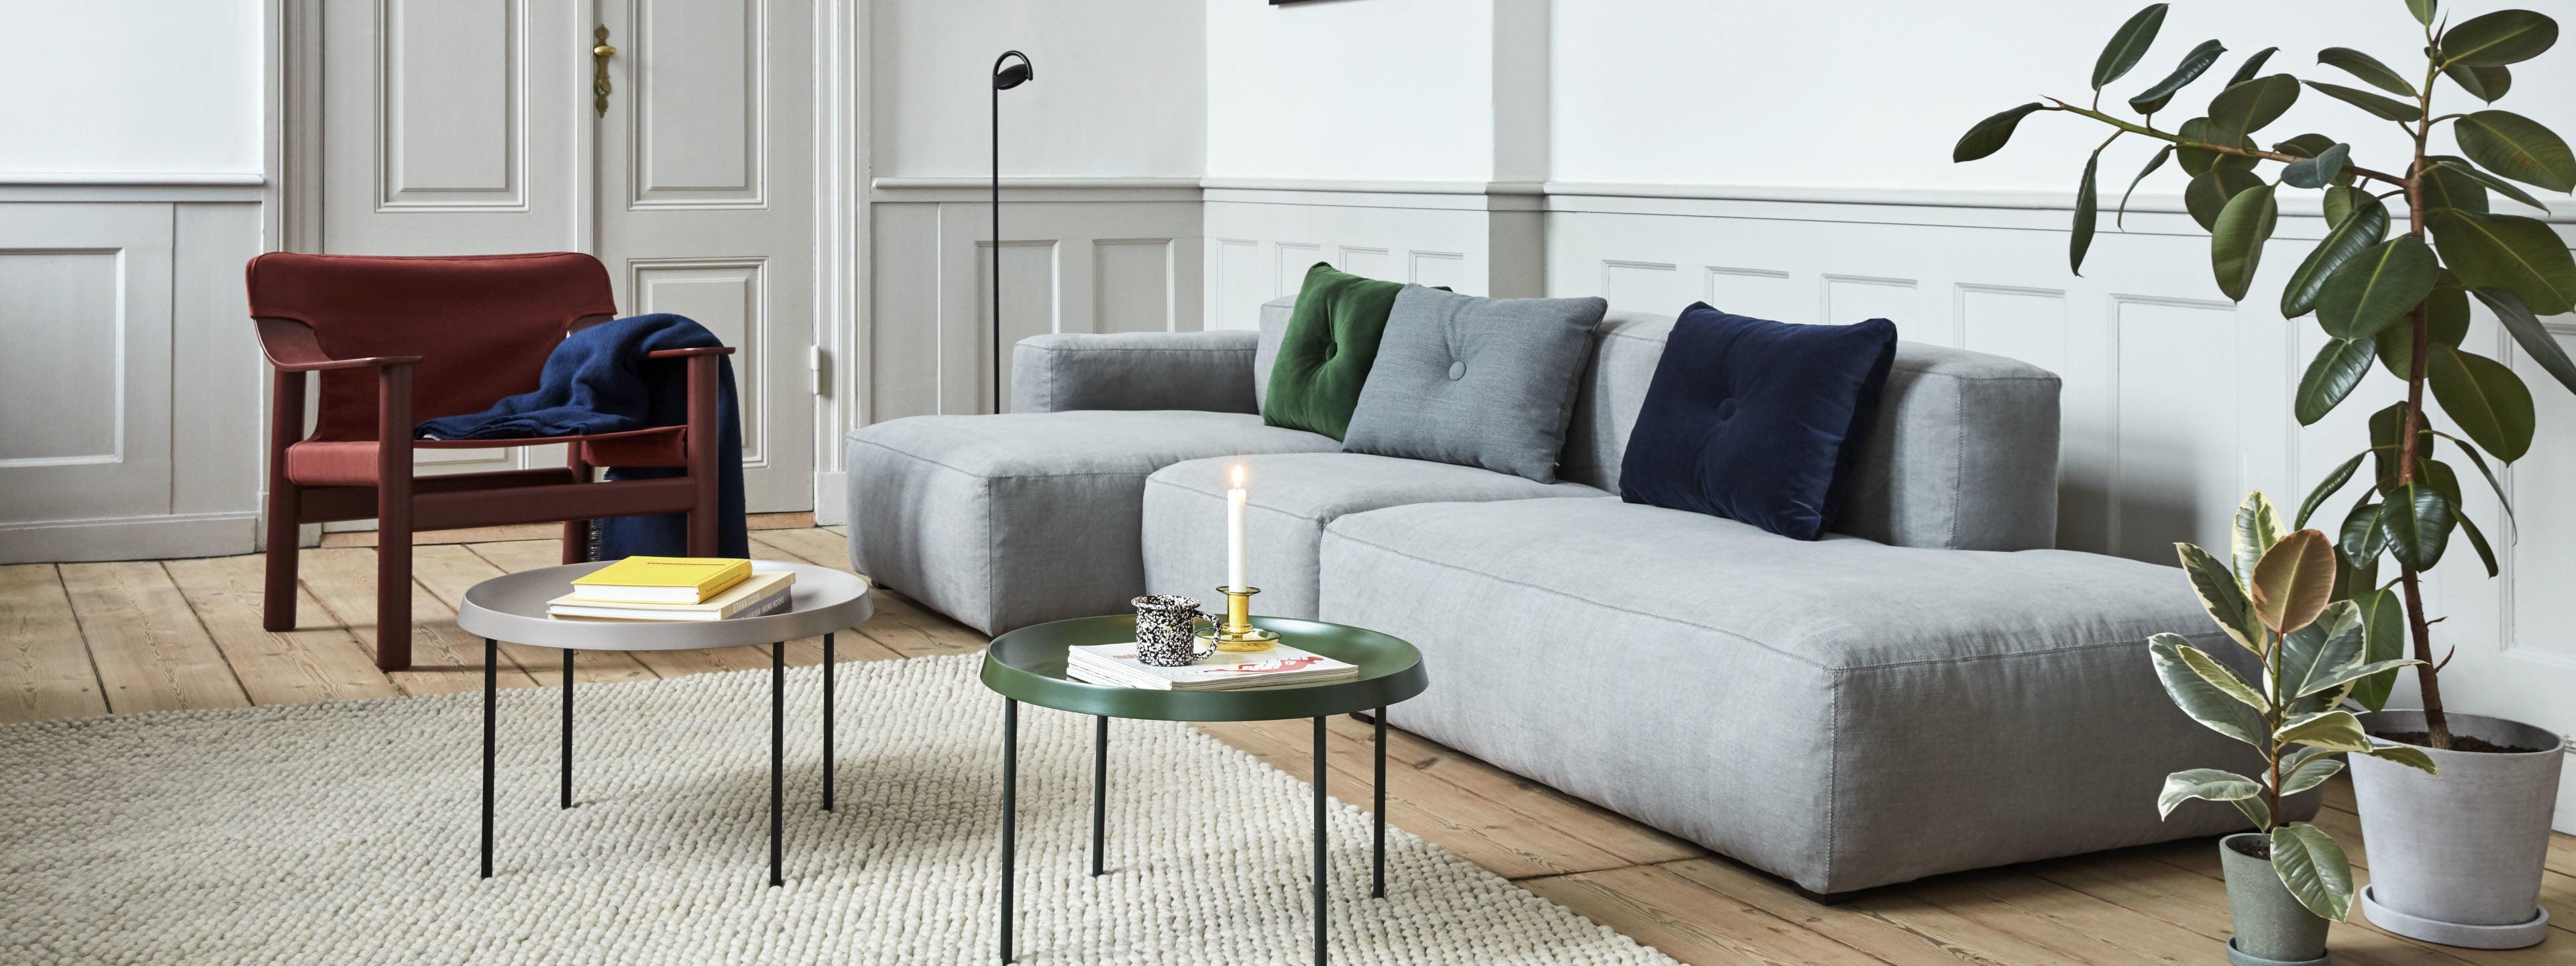 https://www.connox.com/hans-hansen-furniture.html https://cdn.connox ...